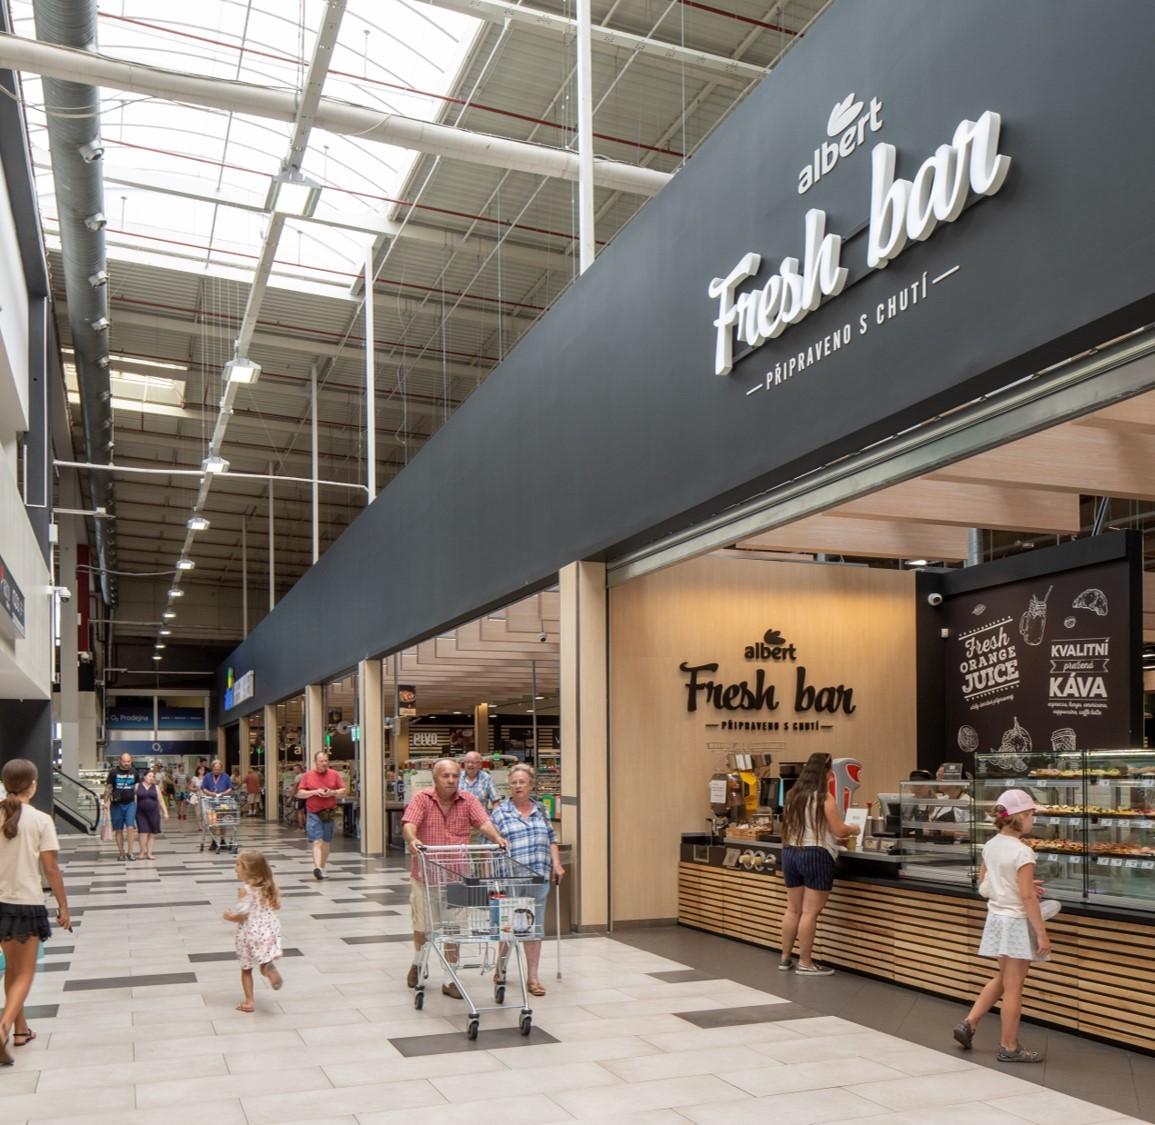 Hlavní jednotkou čestlického centra zůstává hypermarket Albert